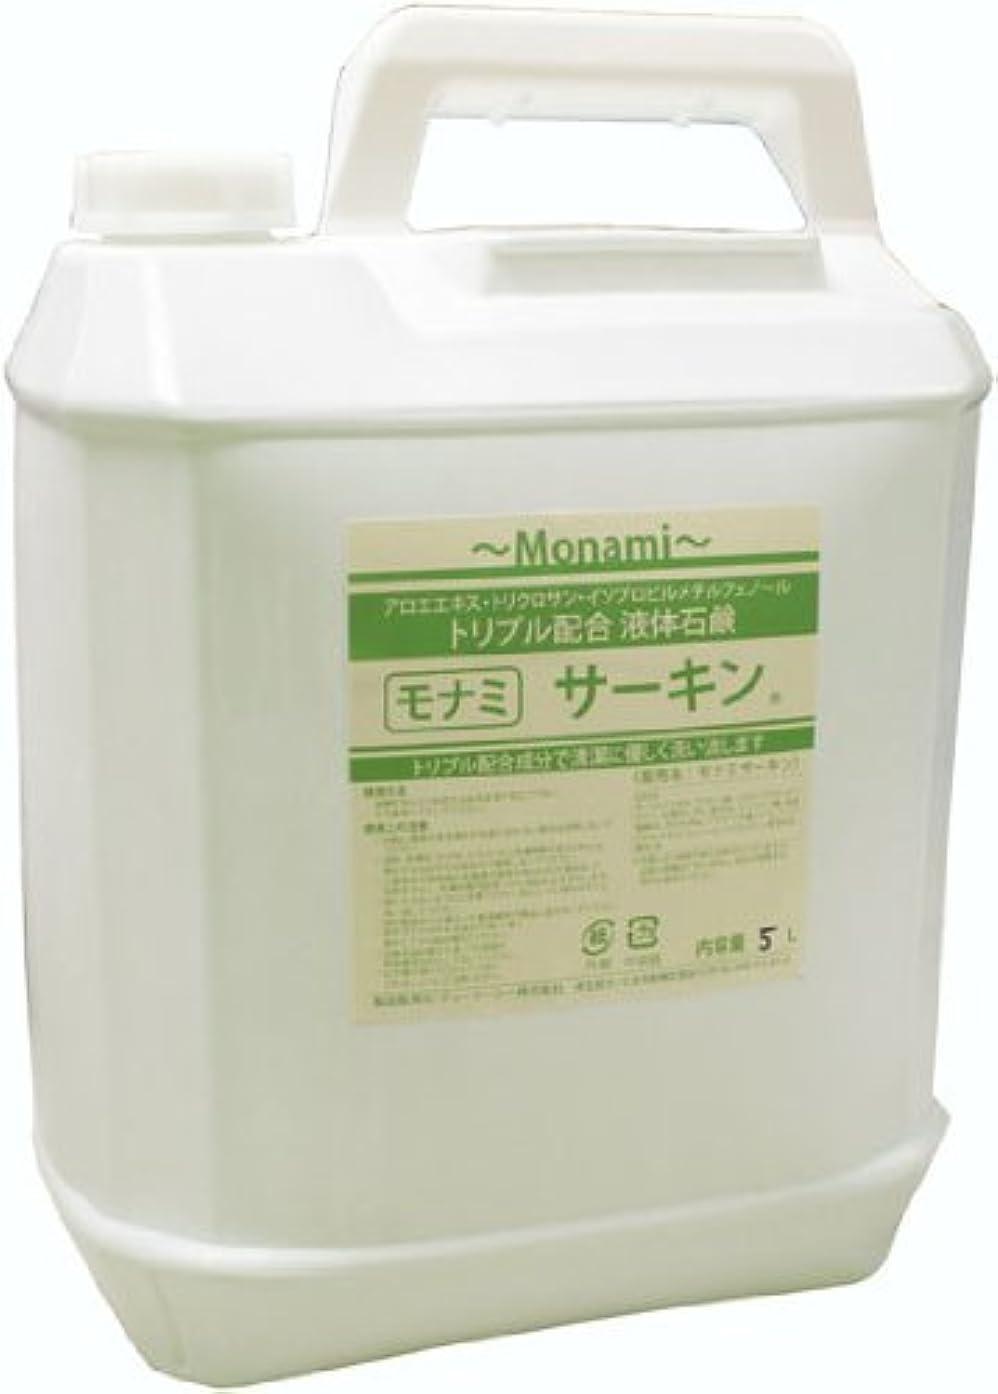 ロケット儀式暫定の保湿剤配合業務用液体ソープ「モナミ サーキン5L」アロエエキス、トリクロサン、イソプロピルメチルフェノール配合